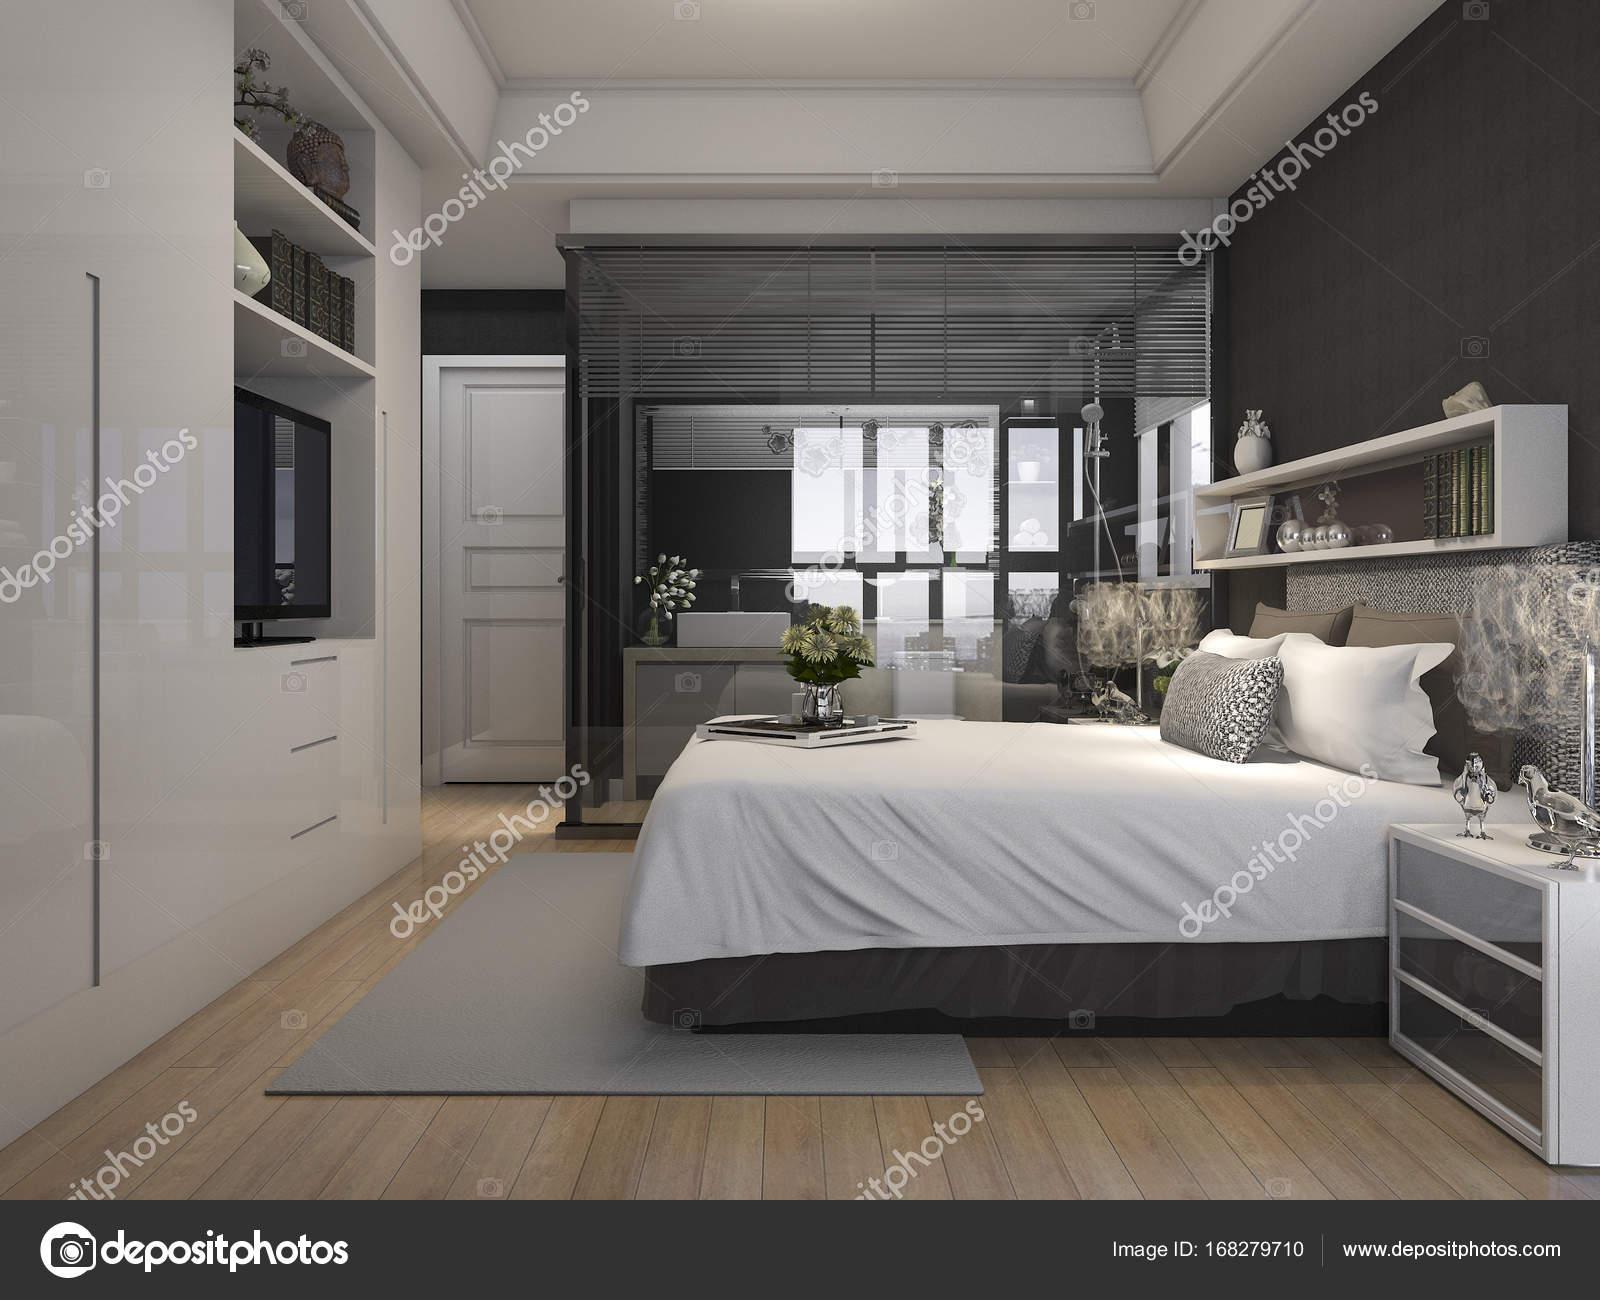 Bagno In Camera Con Vetro : D rendering lusso suite camera da letto hotel vicino vetro bagno